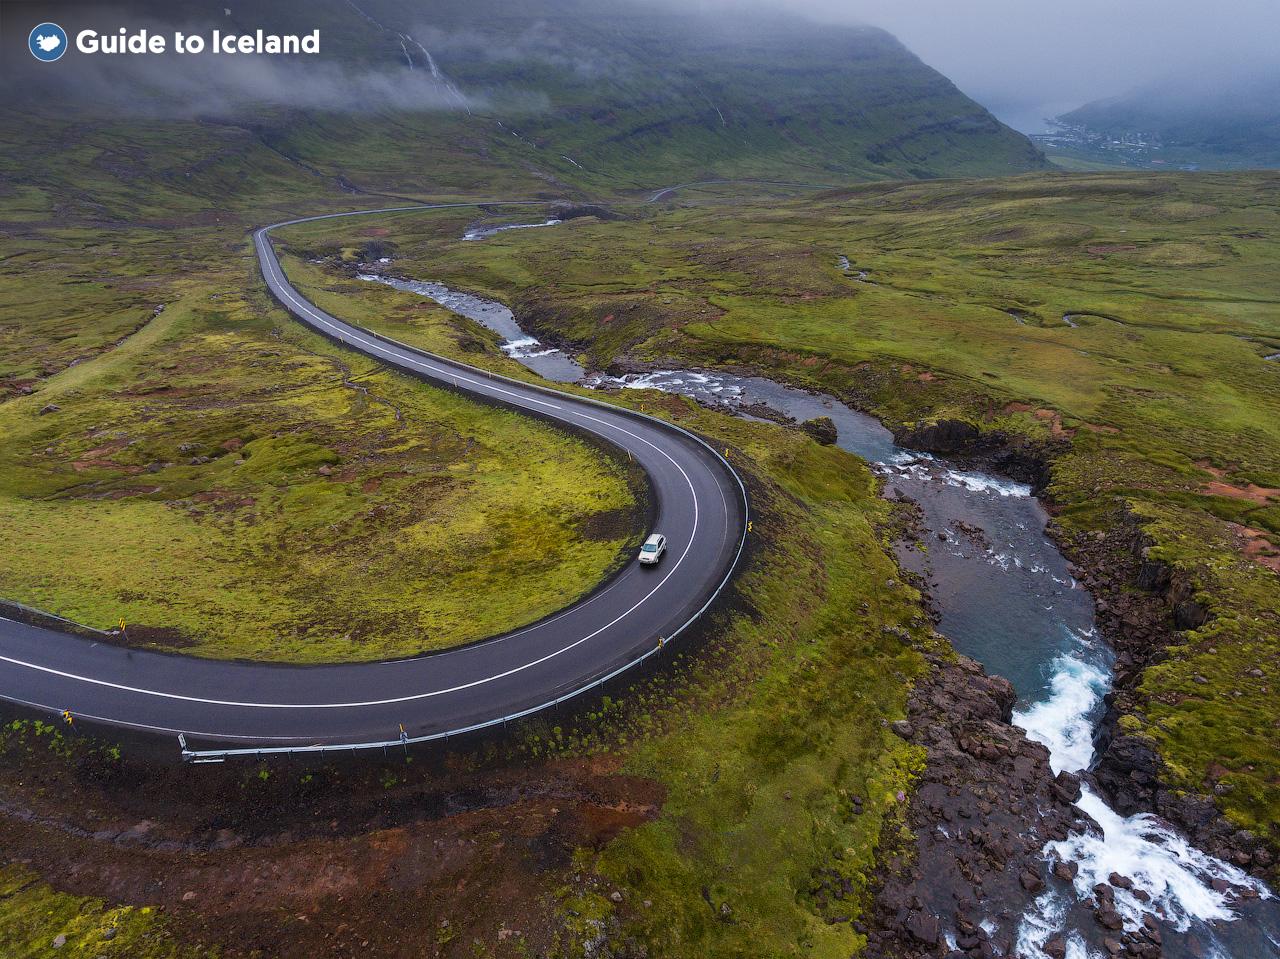 동부 아이슬란드의 구불 구불한 도로.